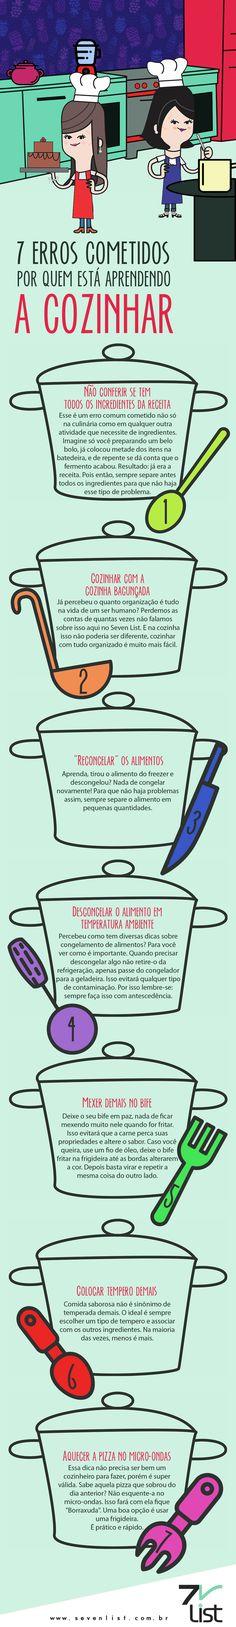 Você é do time que está tentando fugir do macarrão instantêneo e ovo frito? Então esse post é para você. Veja 7 erros cometidos por quem está aprendendo a cozinhar. #SevenList #Cook #Cooking #Cozinhar #culinária #Dicas #Comida #ALimentação